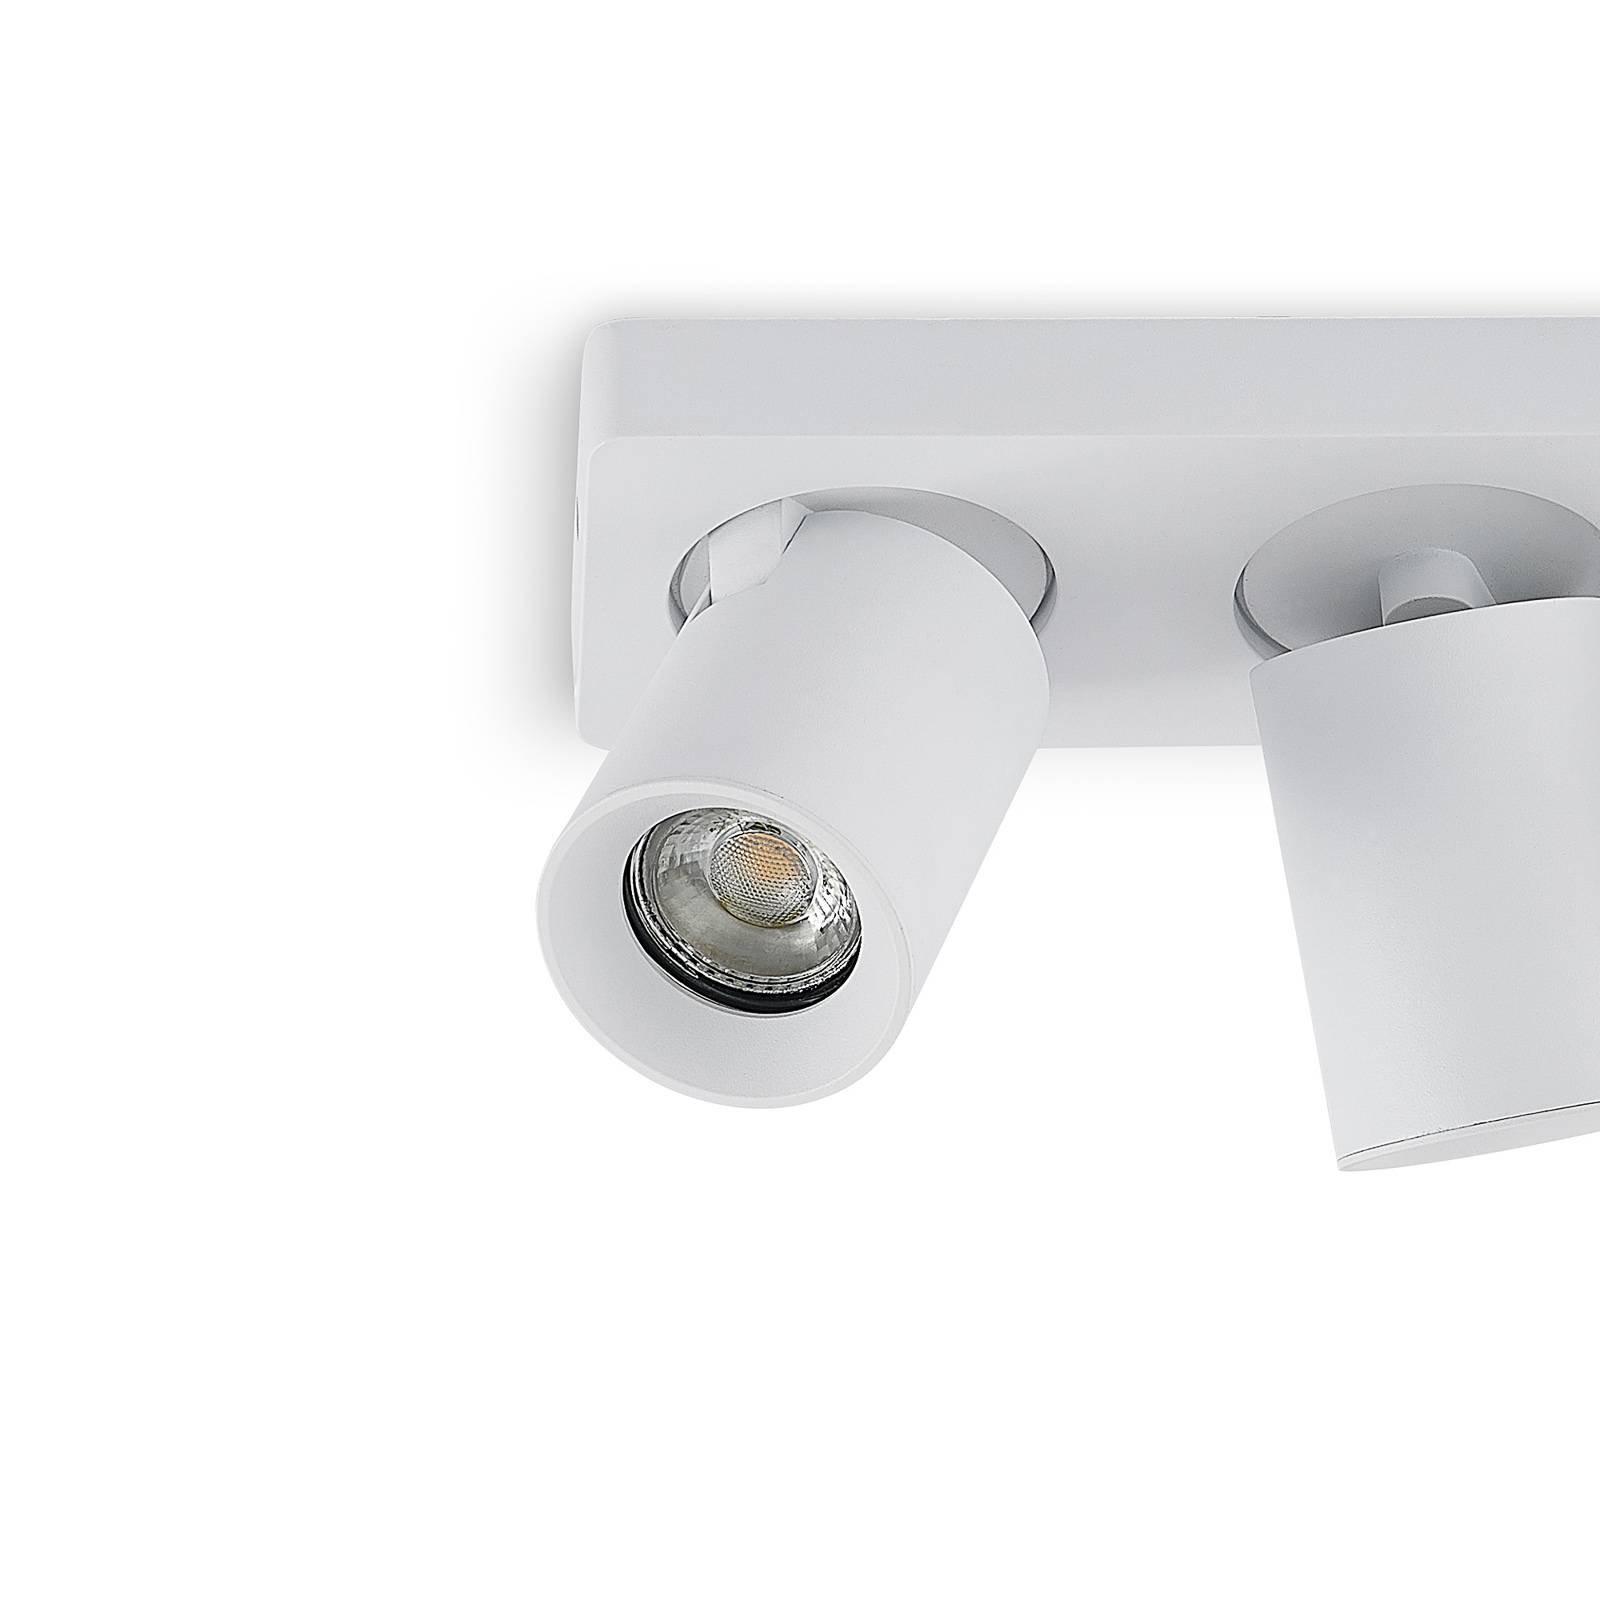 Arcchio Leevya taklampe 3 lyskilder hvit